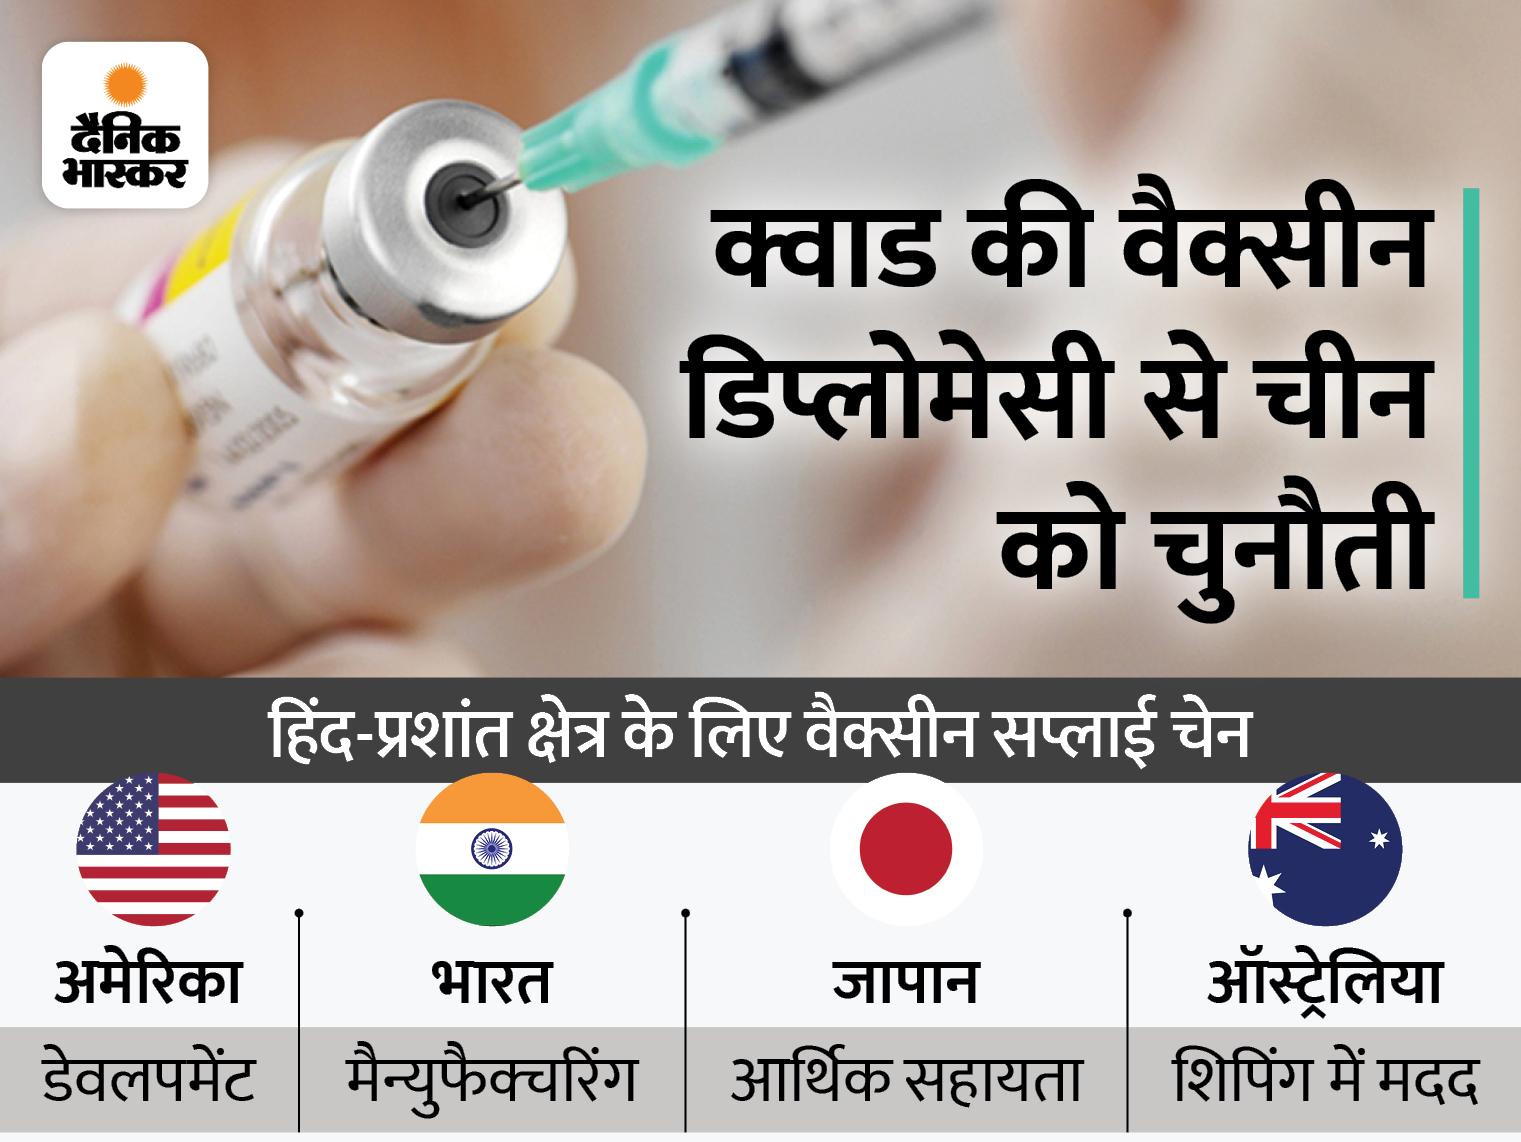 अमेरिकी राष्ट्रपति ने कहा- QUAD की साझेदारी से भारत में अगले साल तक 100 करोड़ डोज बनाएंगे|विदेश,International - Dainik Bhaskar